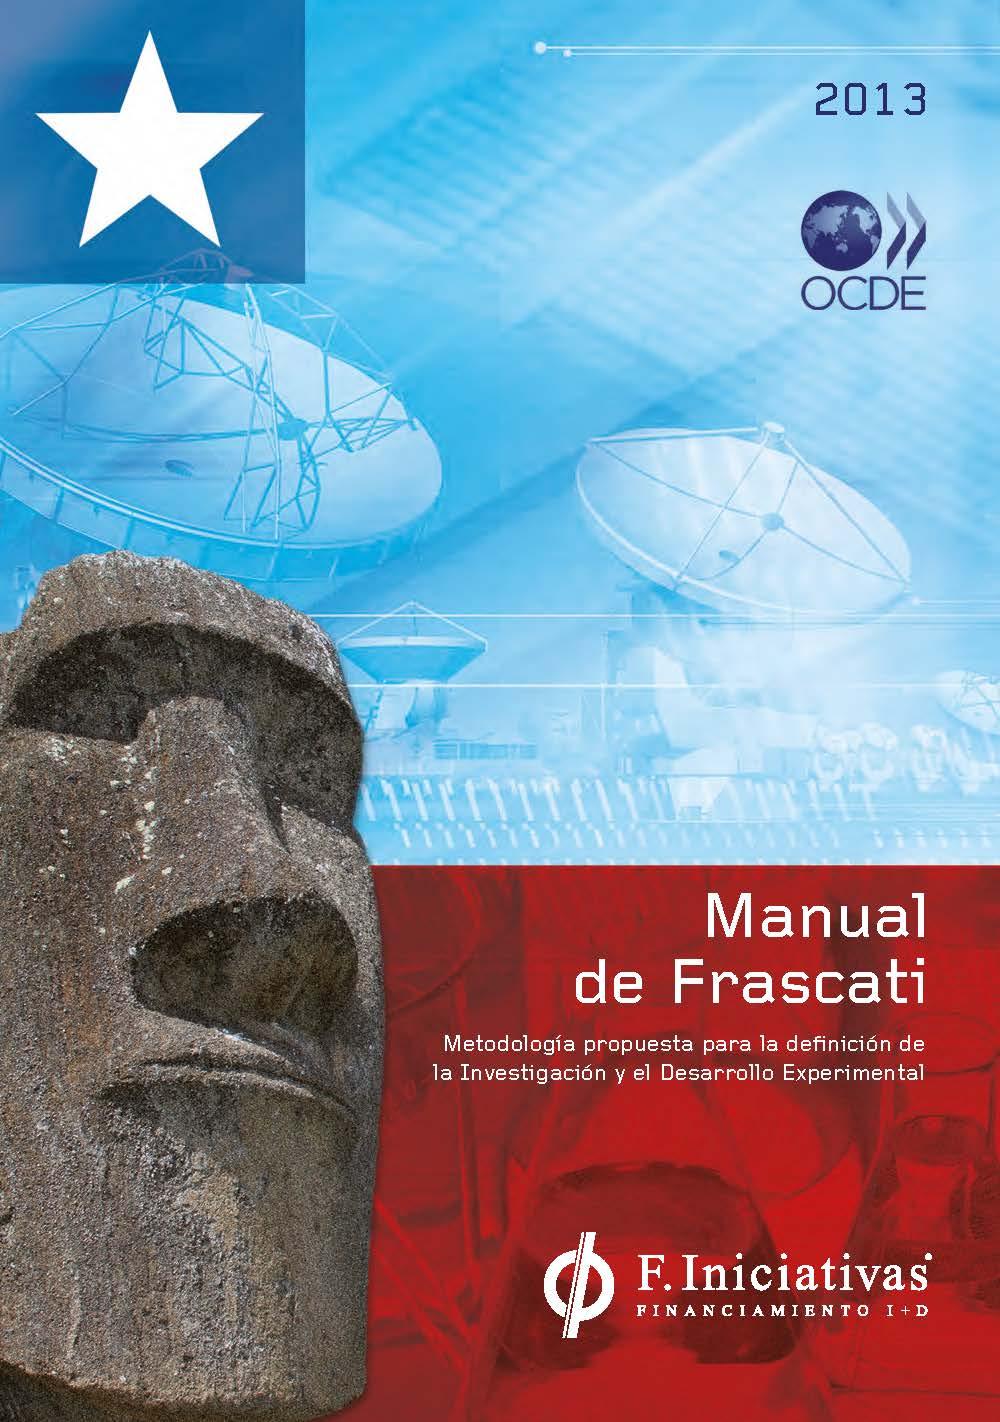 manual-de-frascati-chile